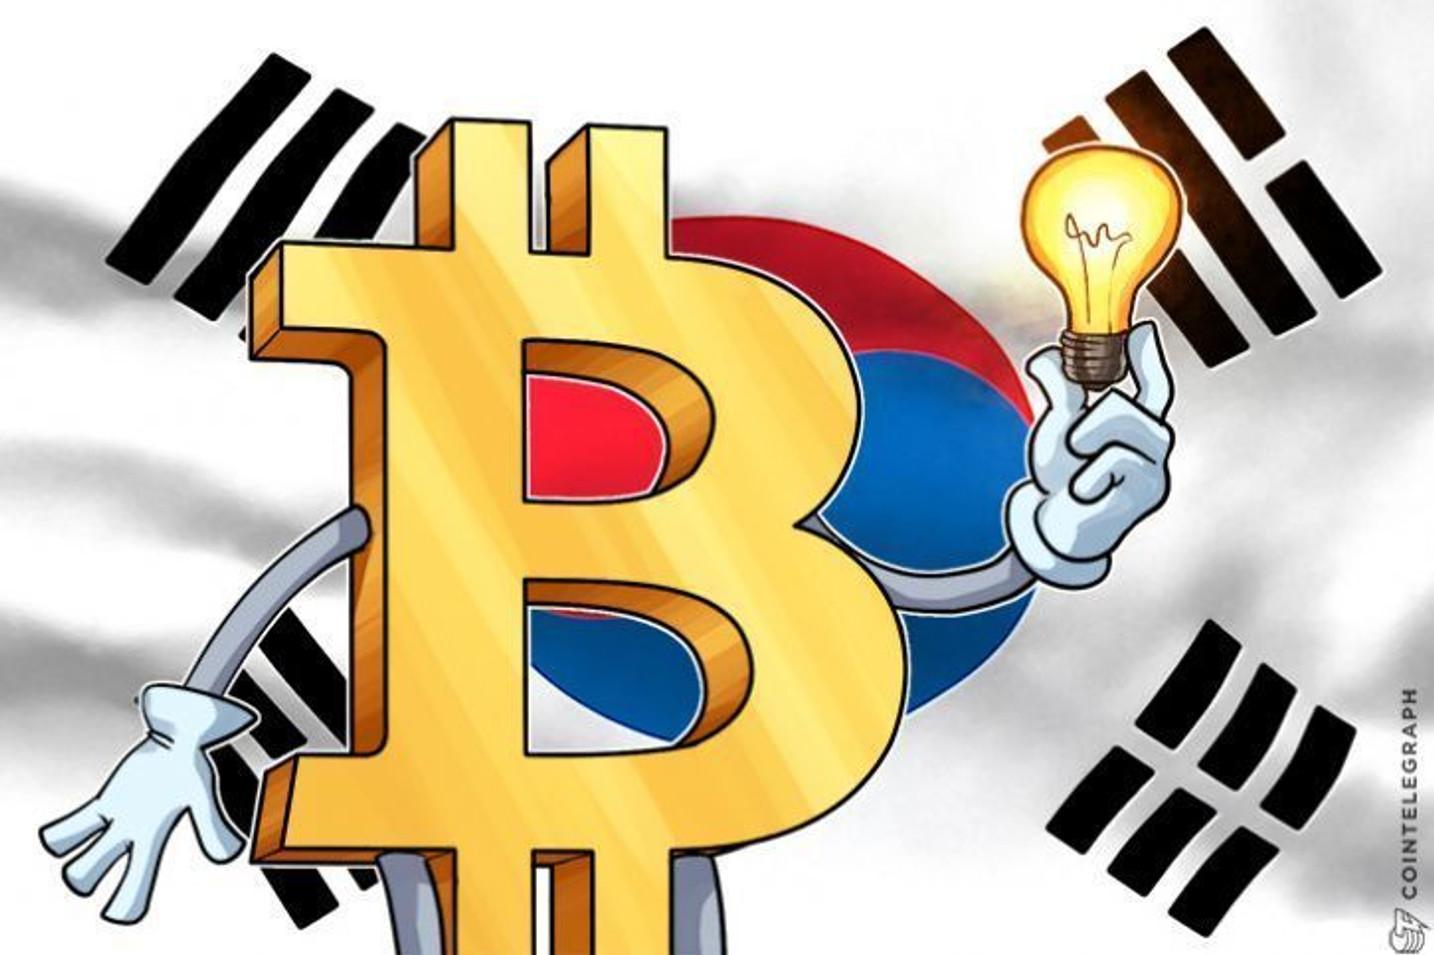 Istraživanje centralne banke Južne Koreje: Više od 20% građana je upoznato sa kriptovalutama